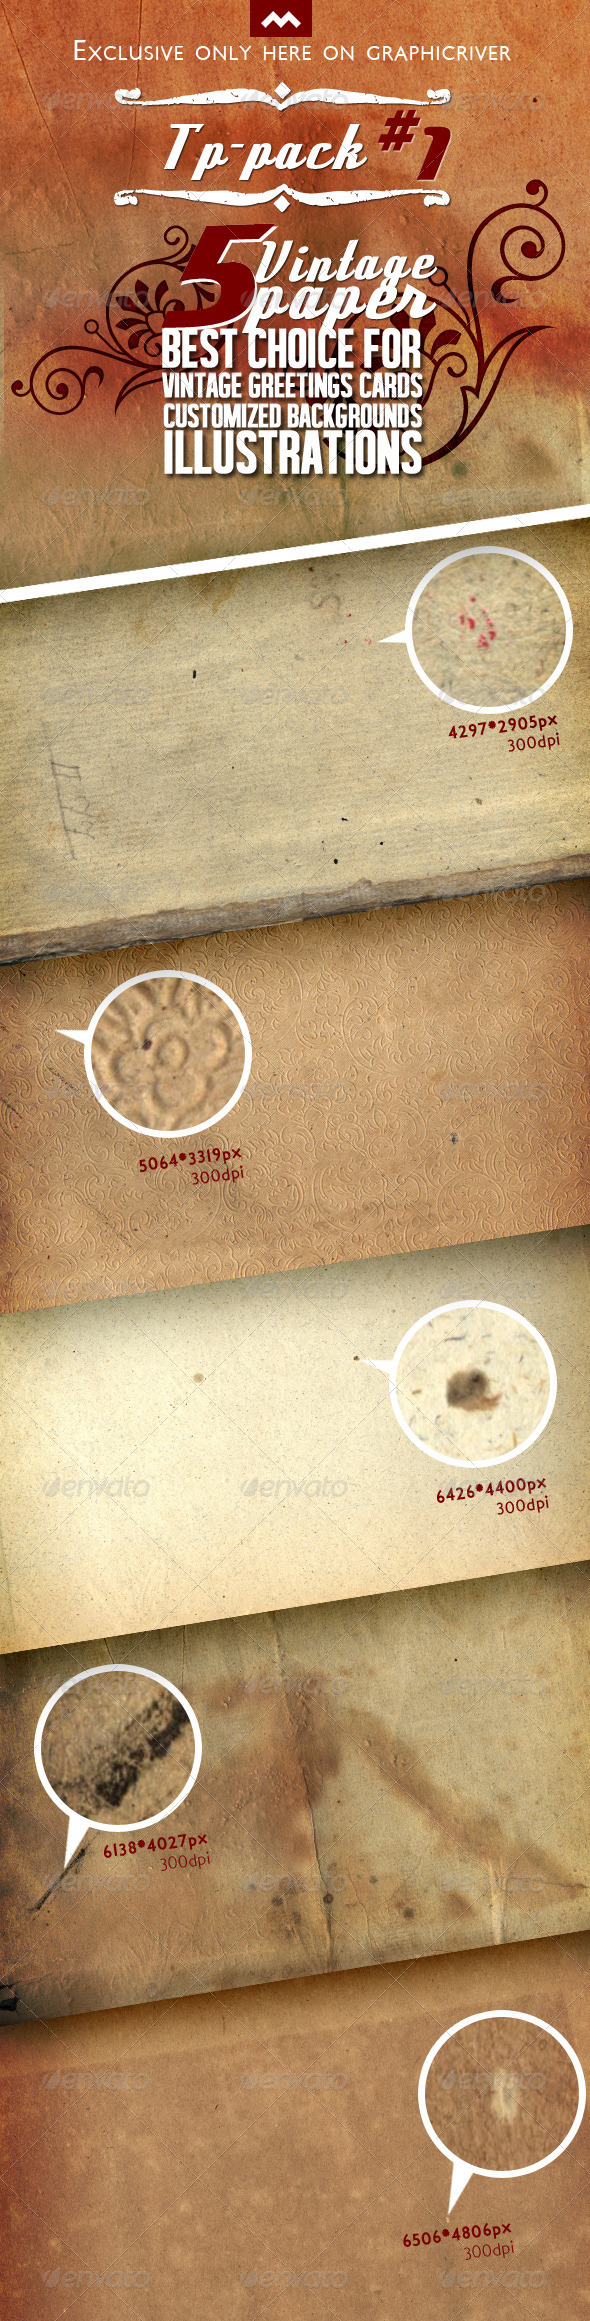 GraphicRiver TP-Pack#1 5 Vintage Premium Paper Texture 6086241